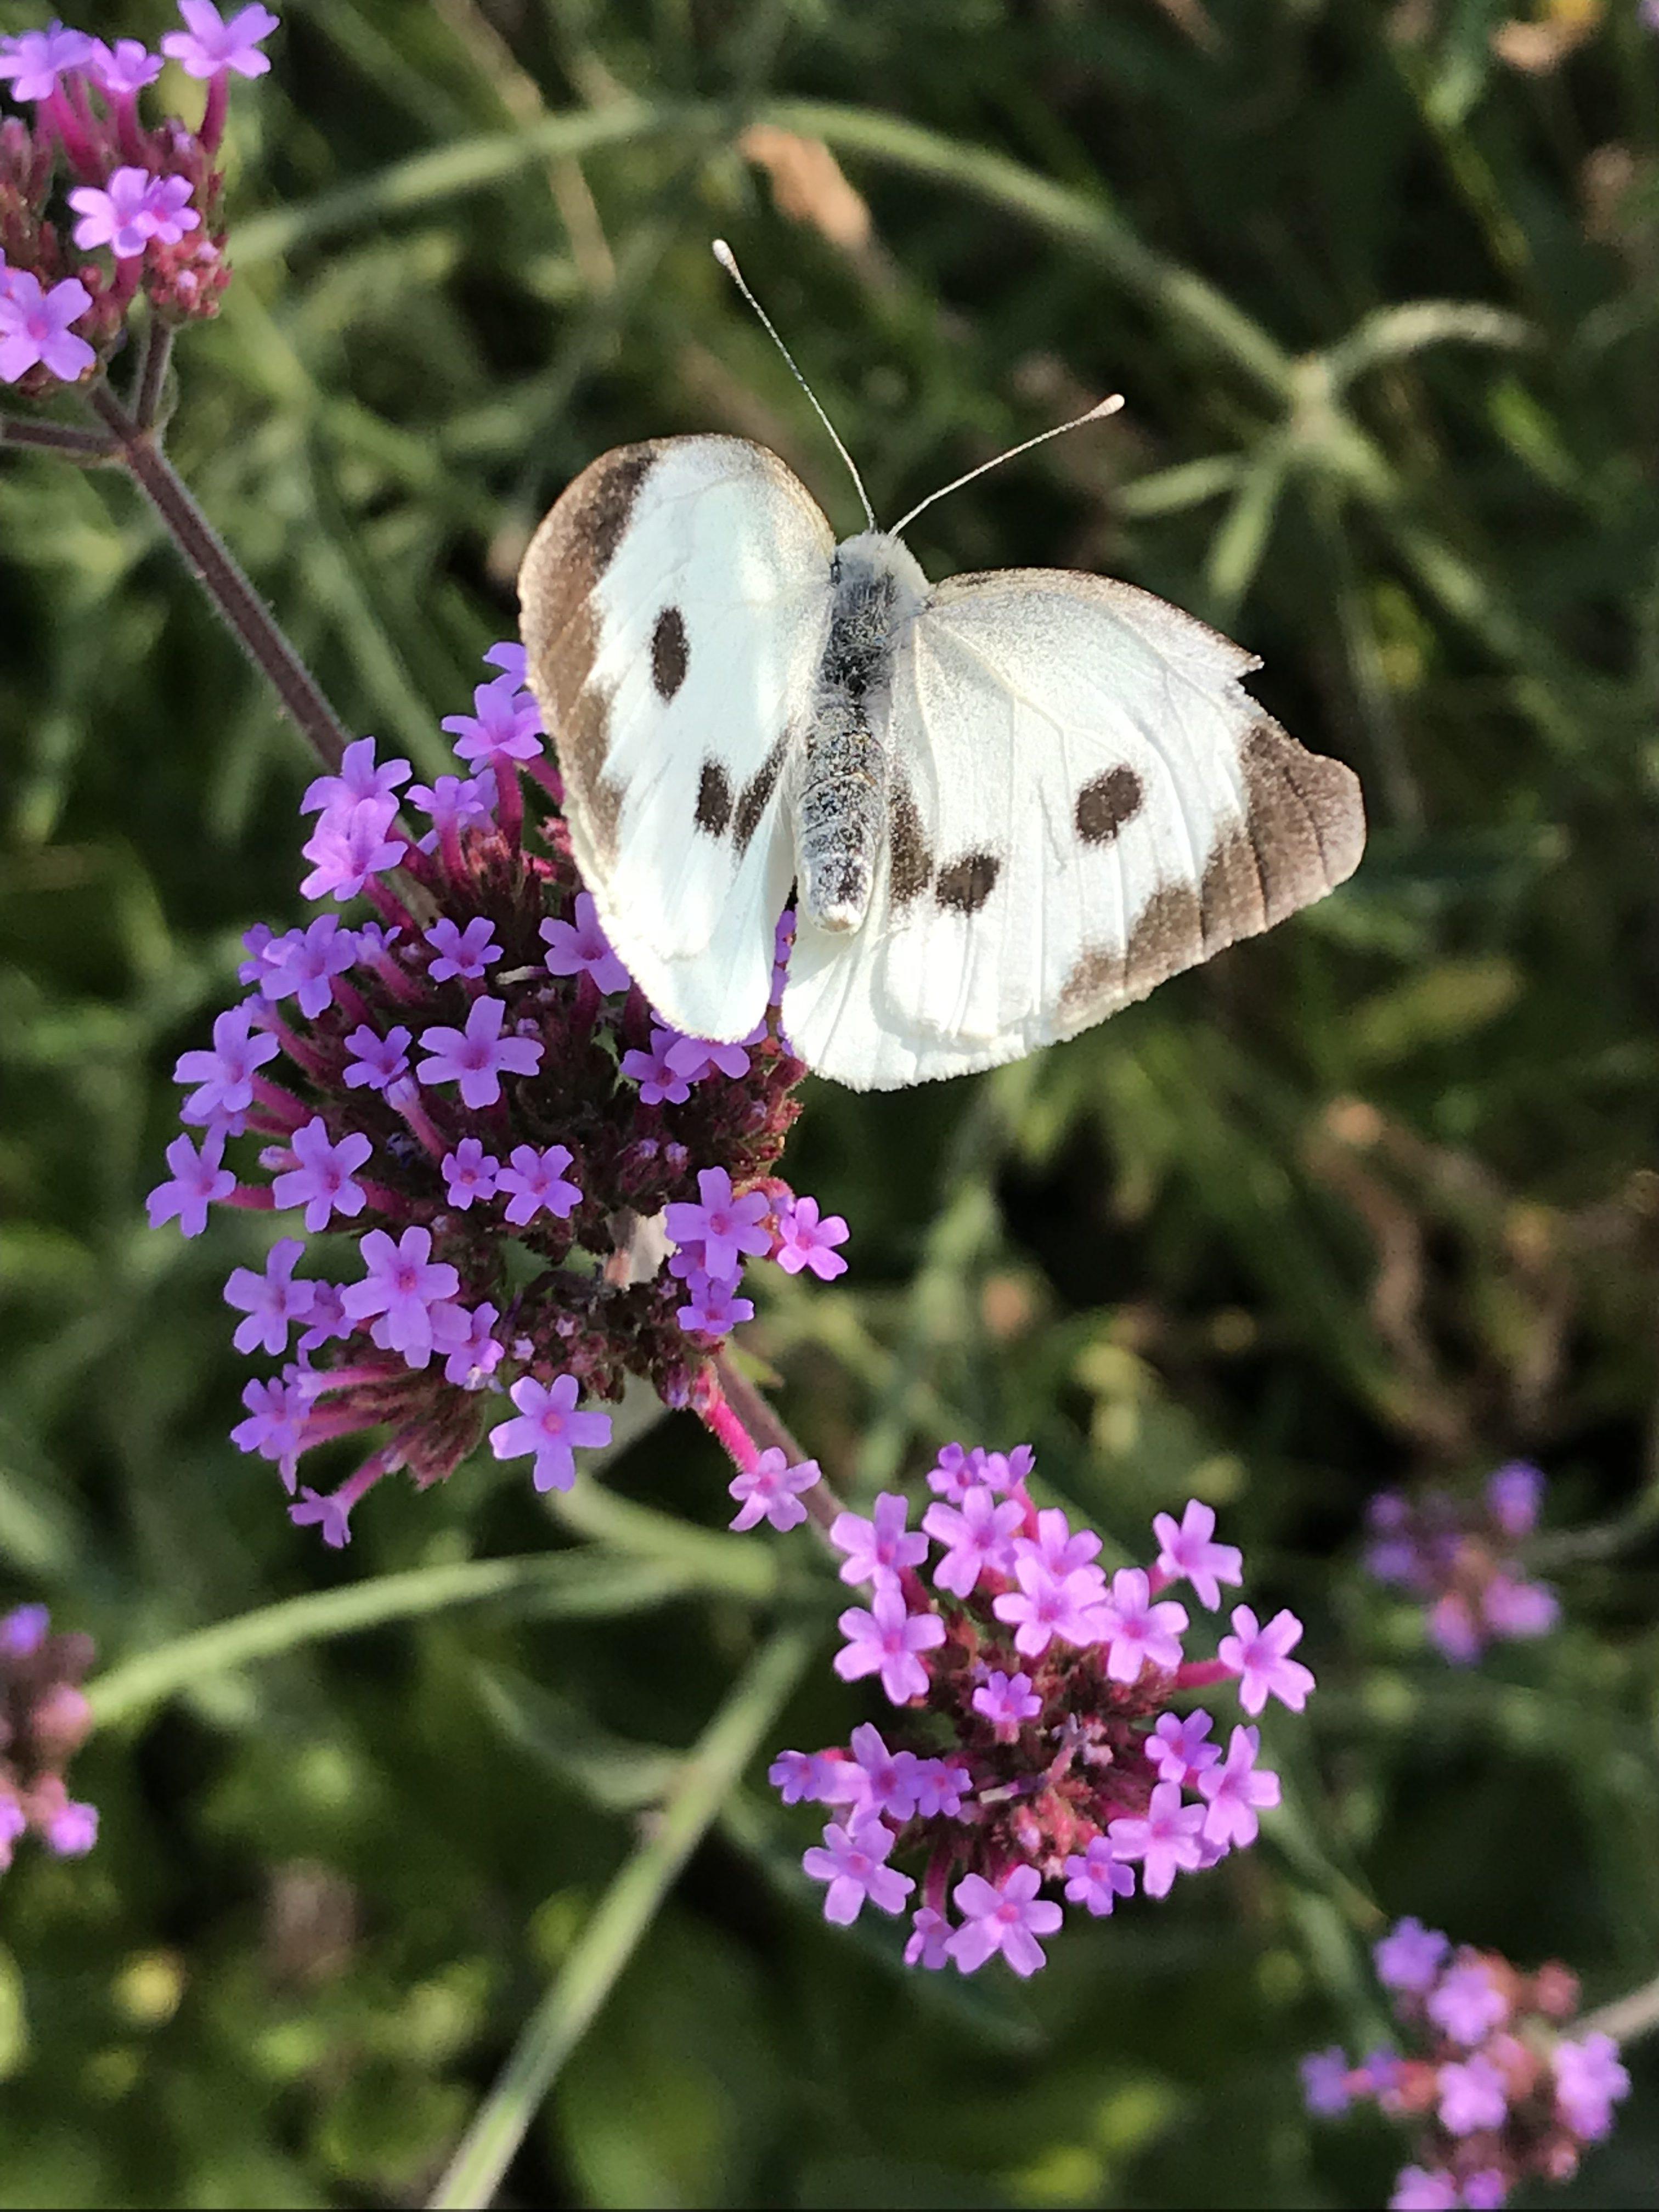 Garten Blume & Schmetterling